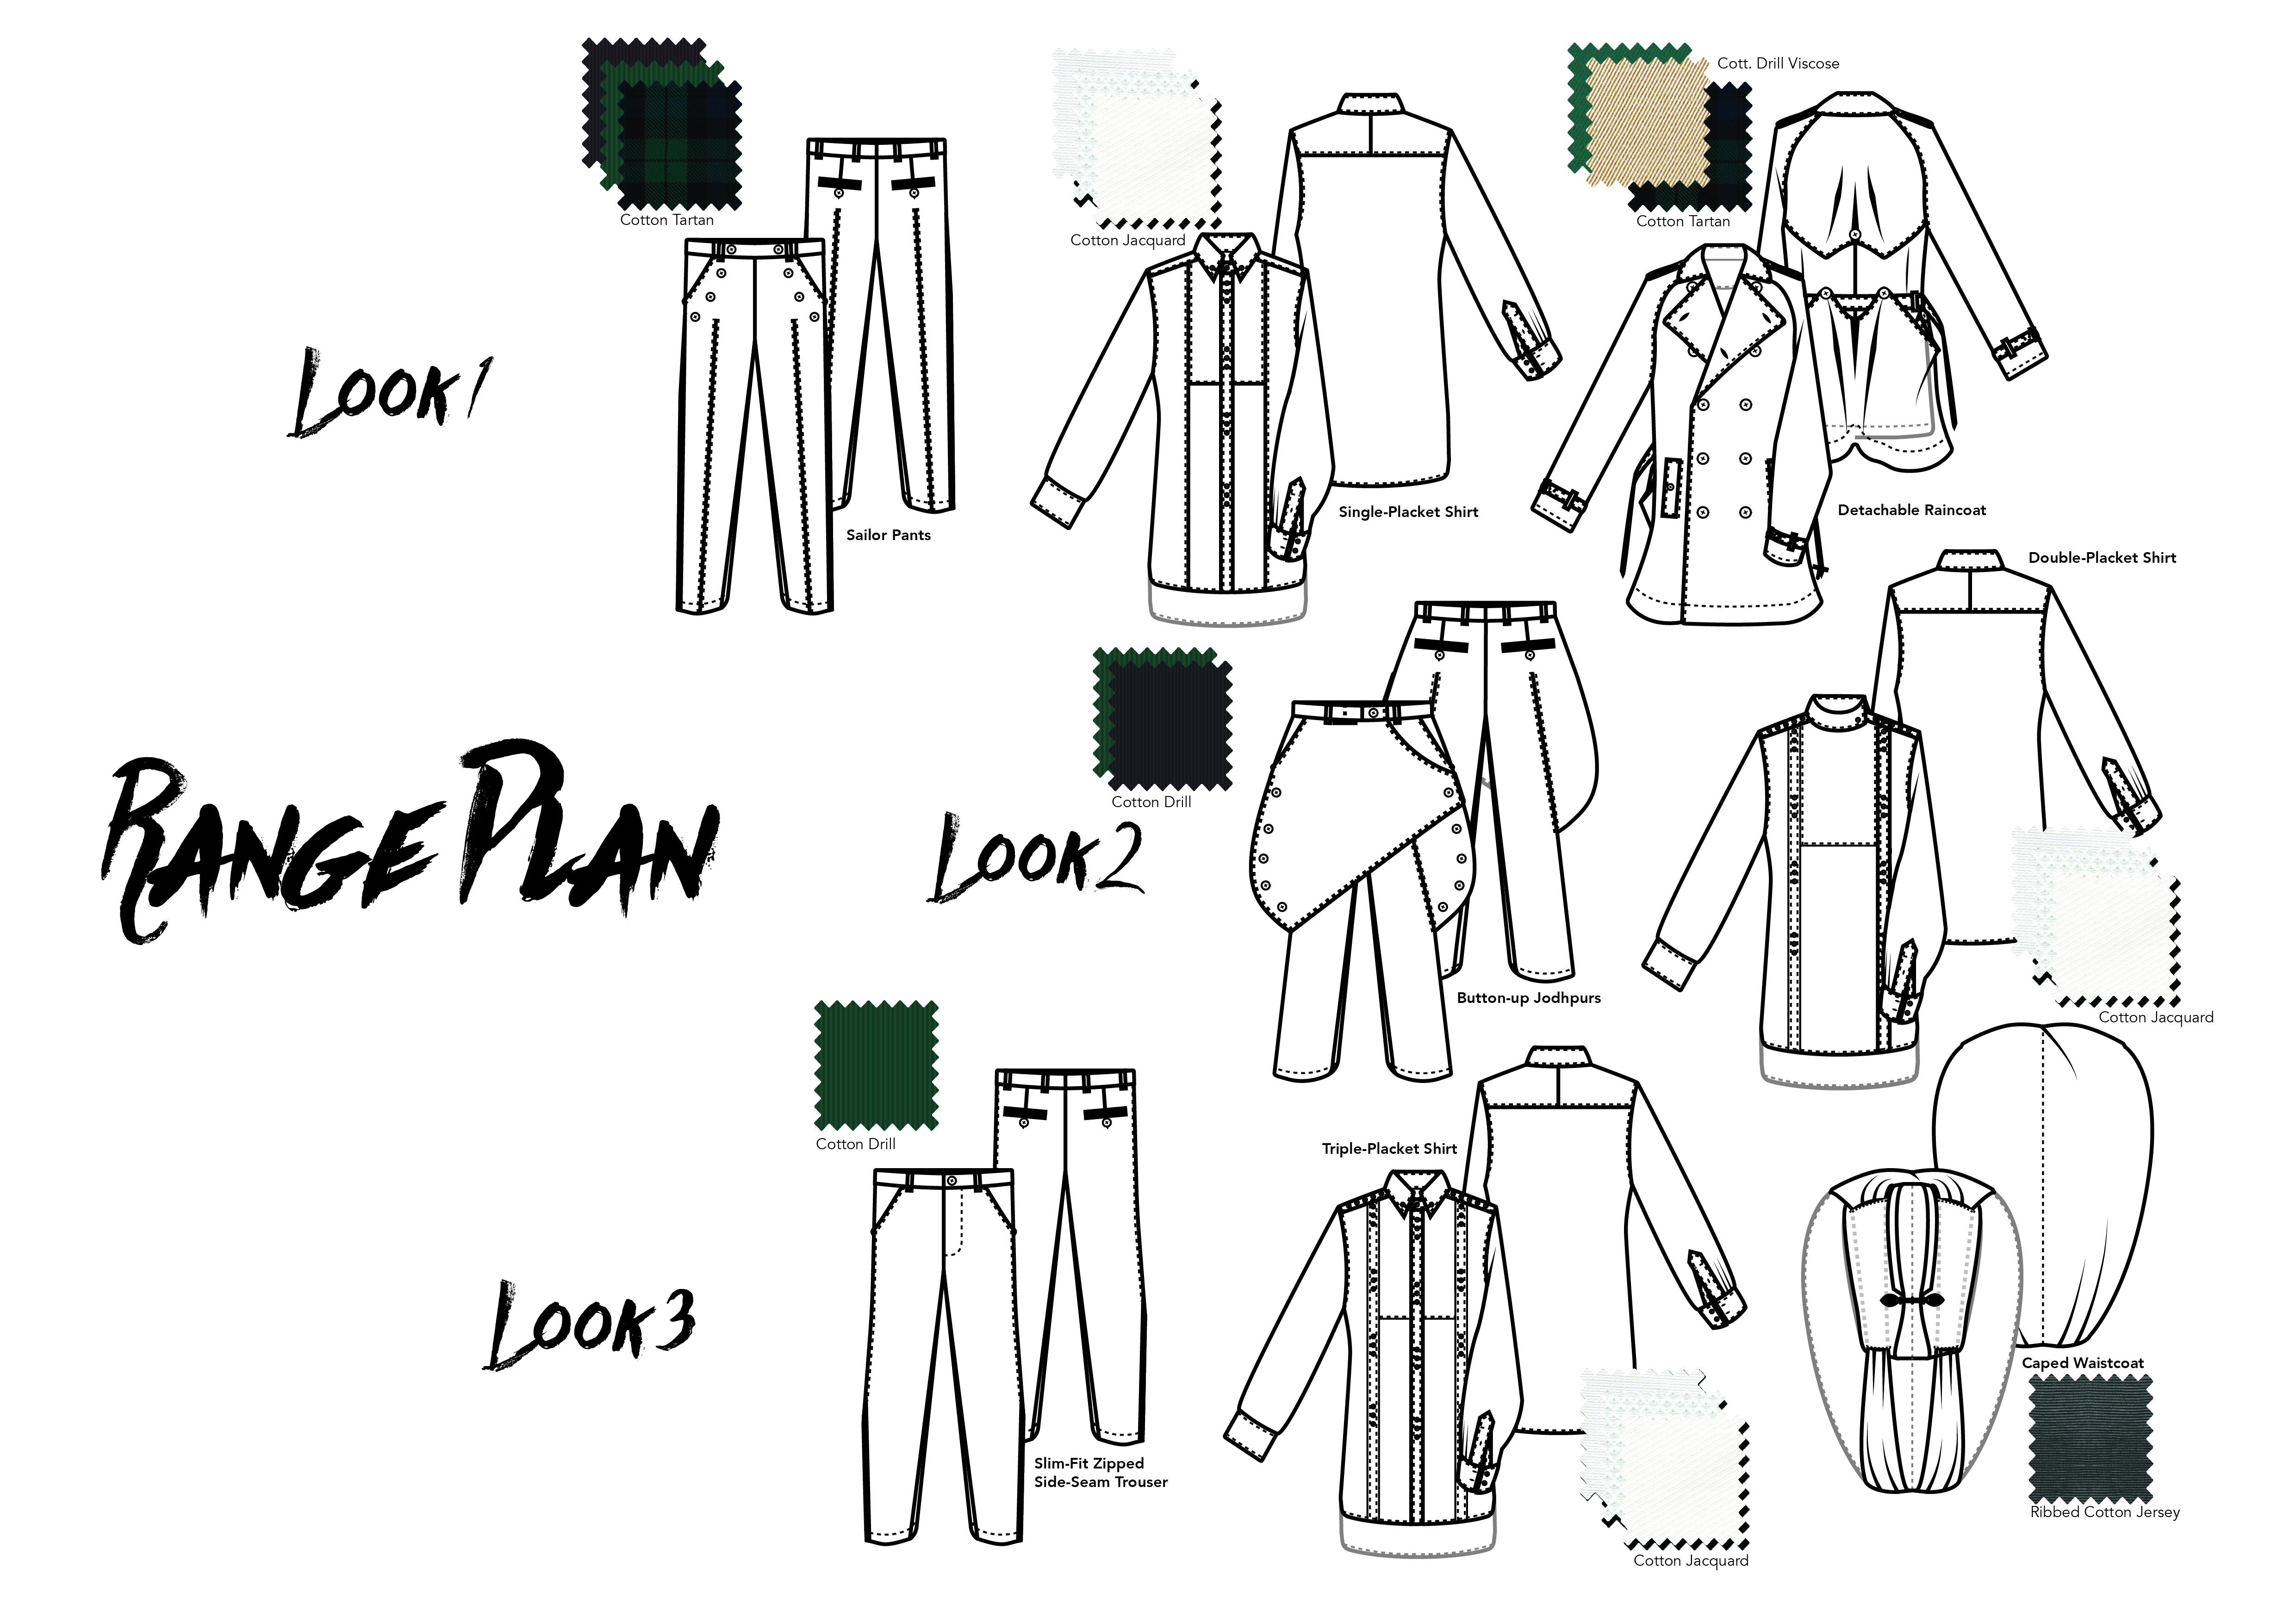 Range Plan Pt.1